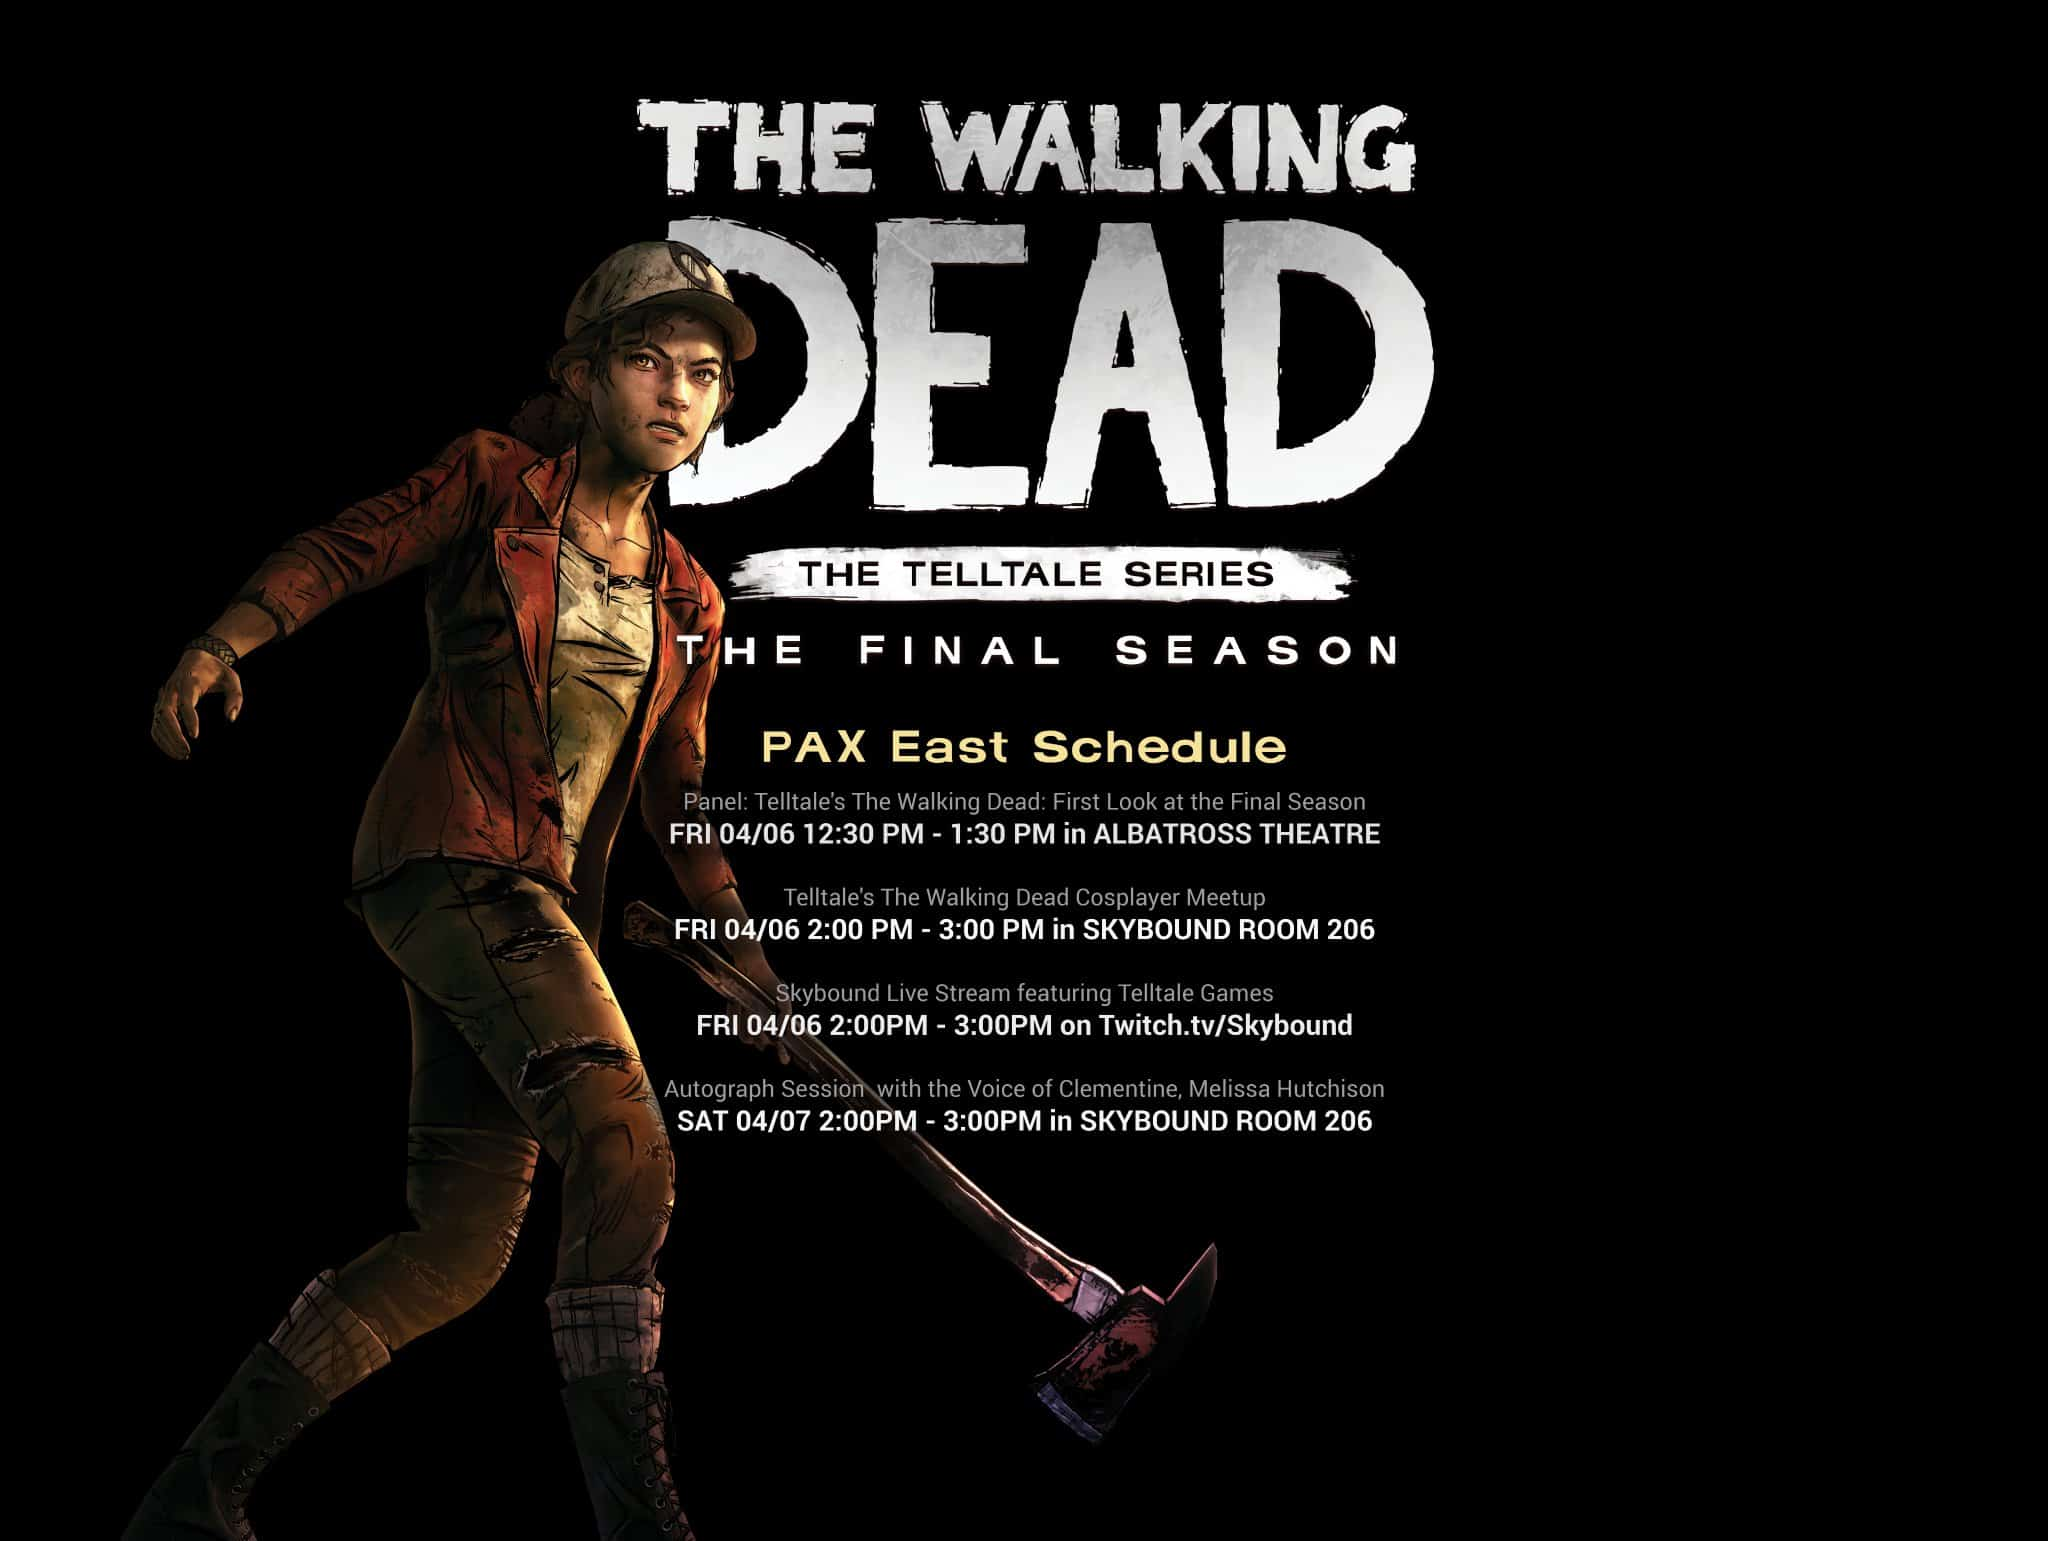 The Walking Dead The Final Season Pax East